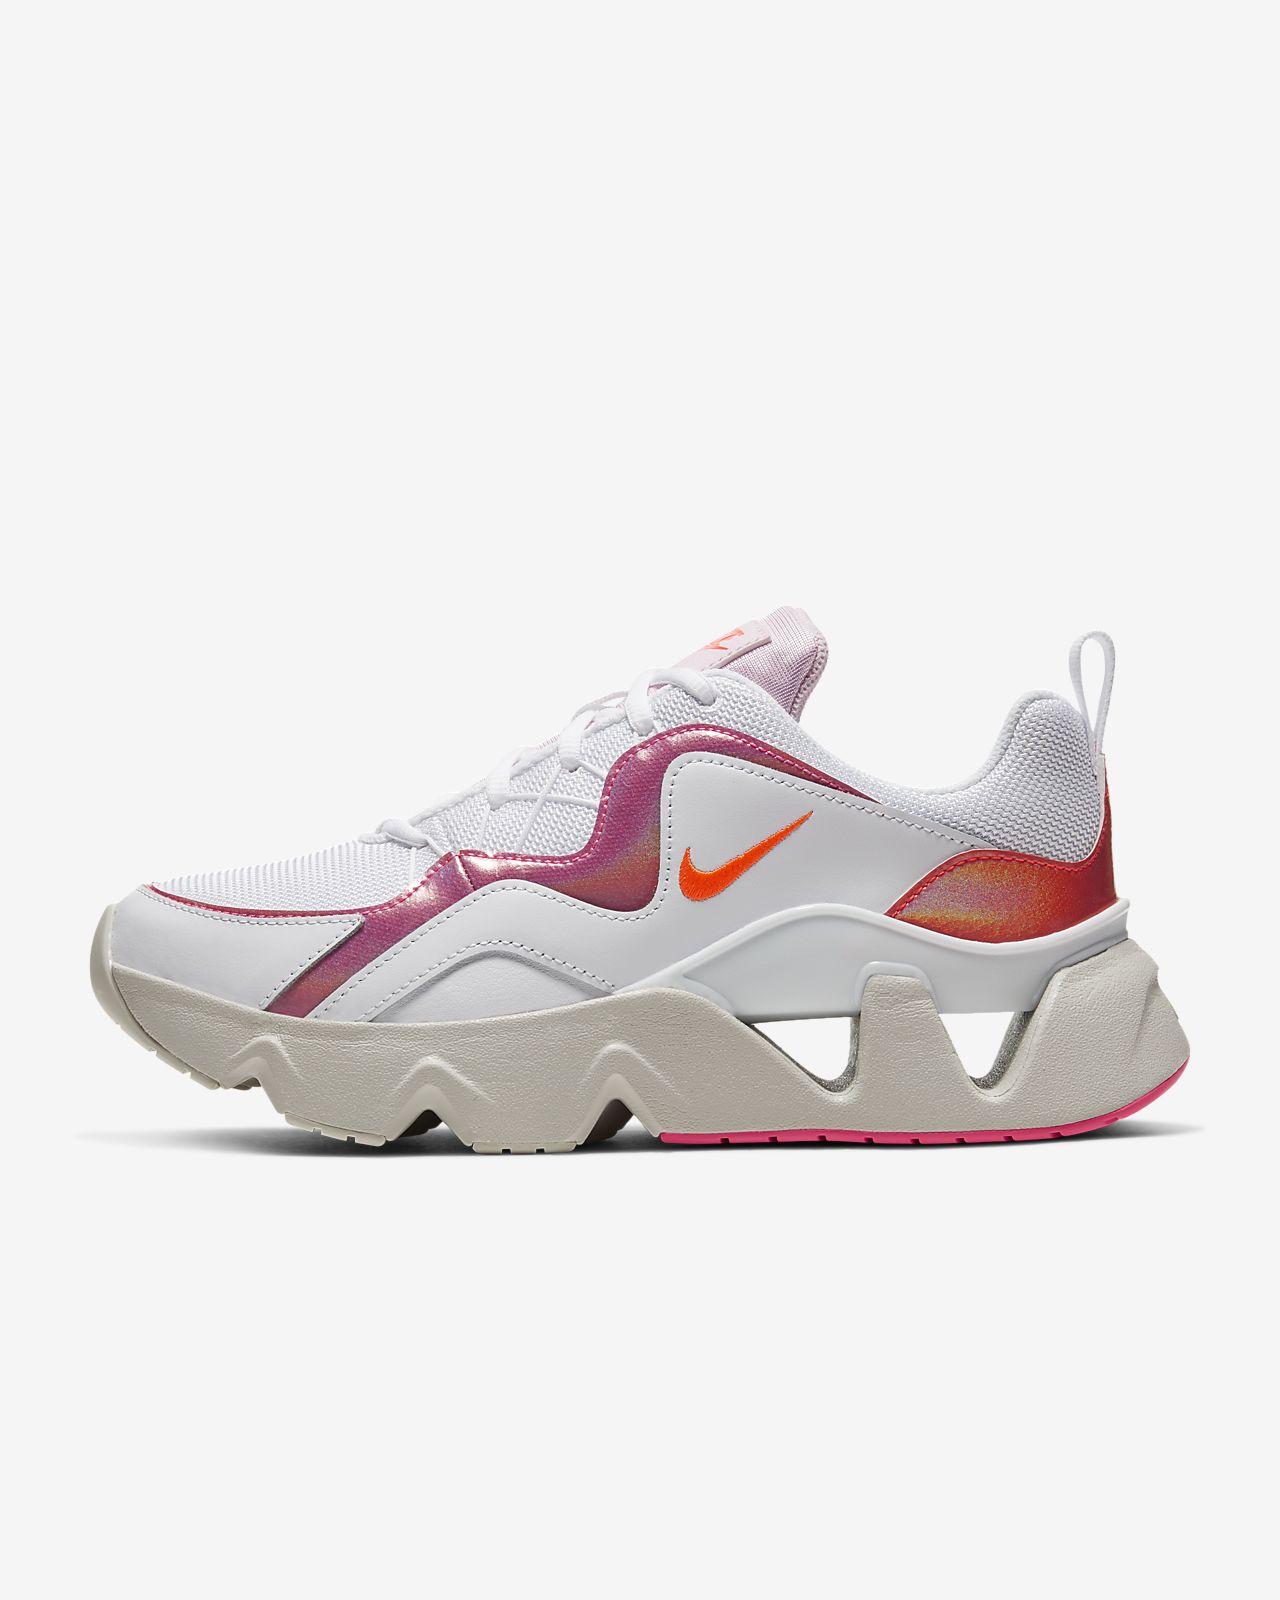 des chaussures nike pour femme